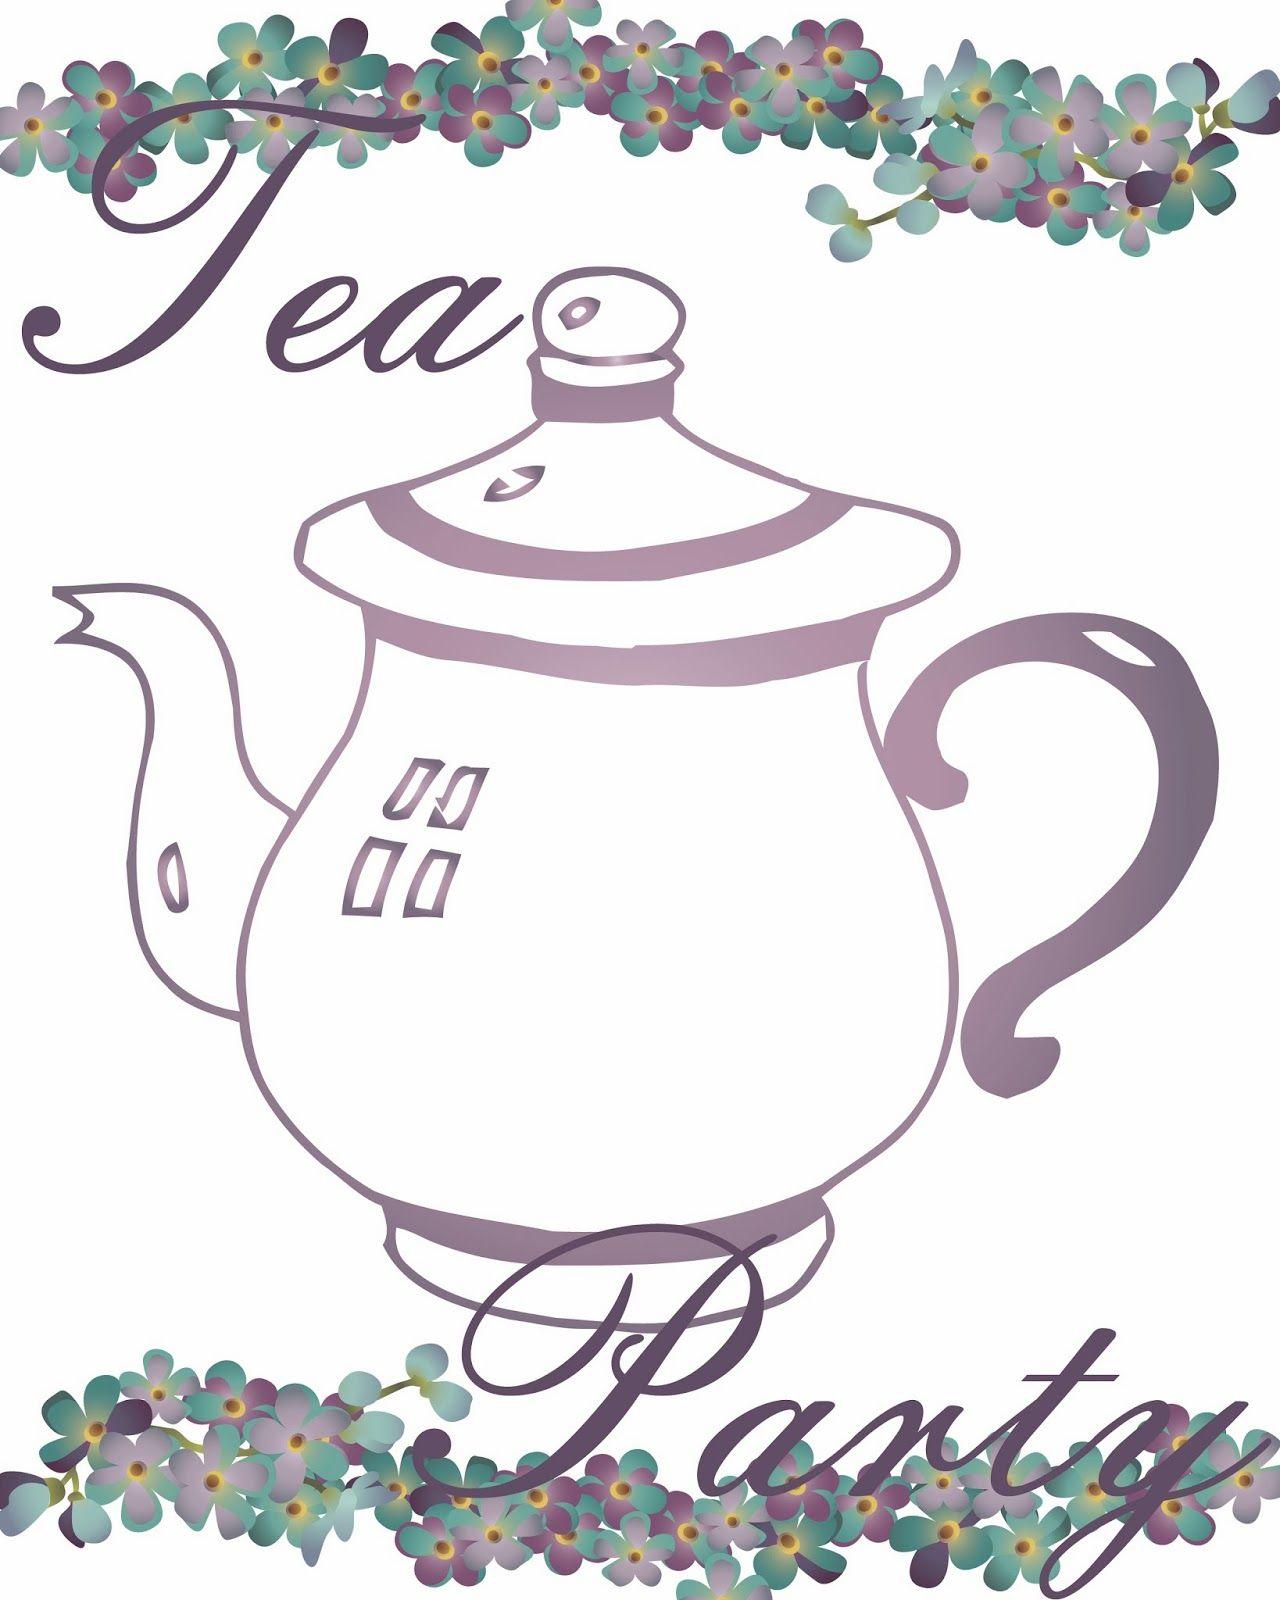 Free Tea Party Printables   Tea Time - Tea Party - Tea Everything - Free Printable Tea Party Games